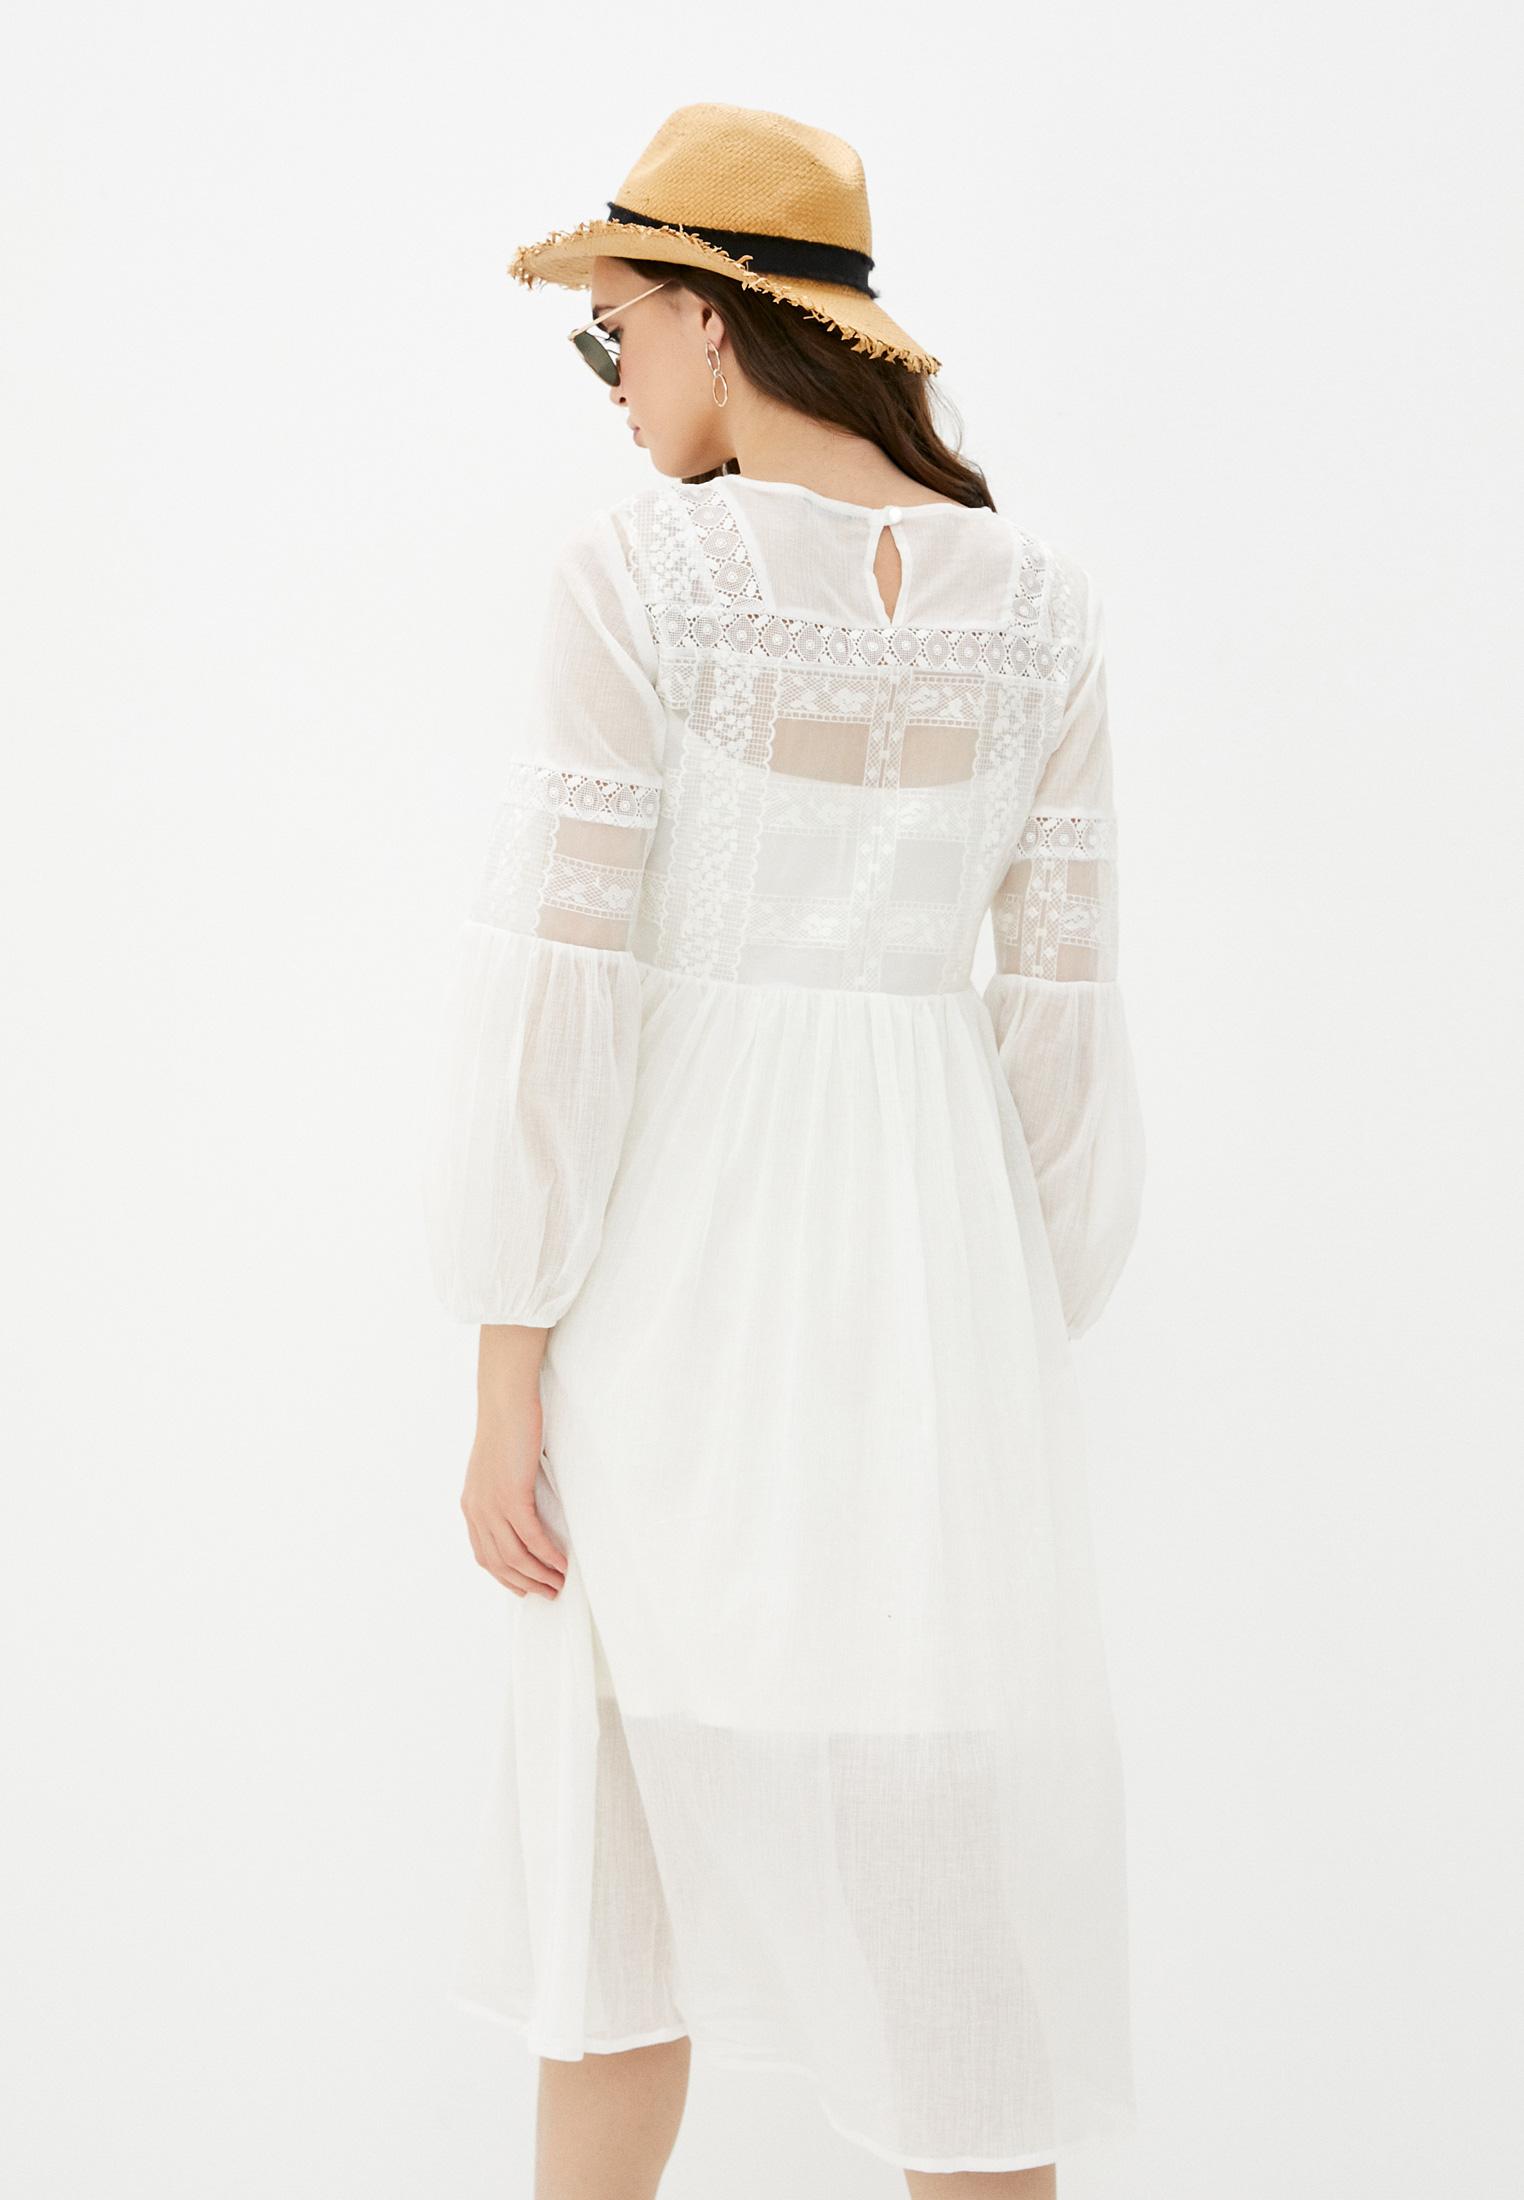 Повседневное платье Nataliy Beate Платье мод.515: изображение 3